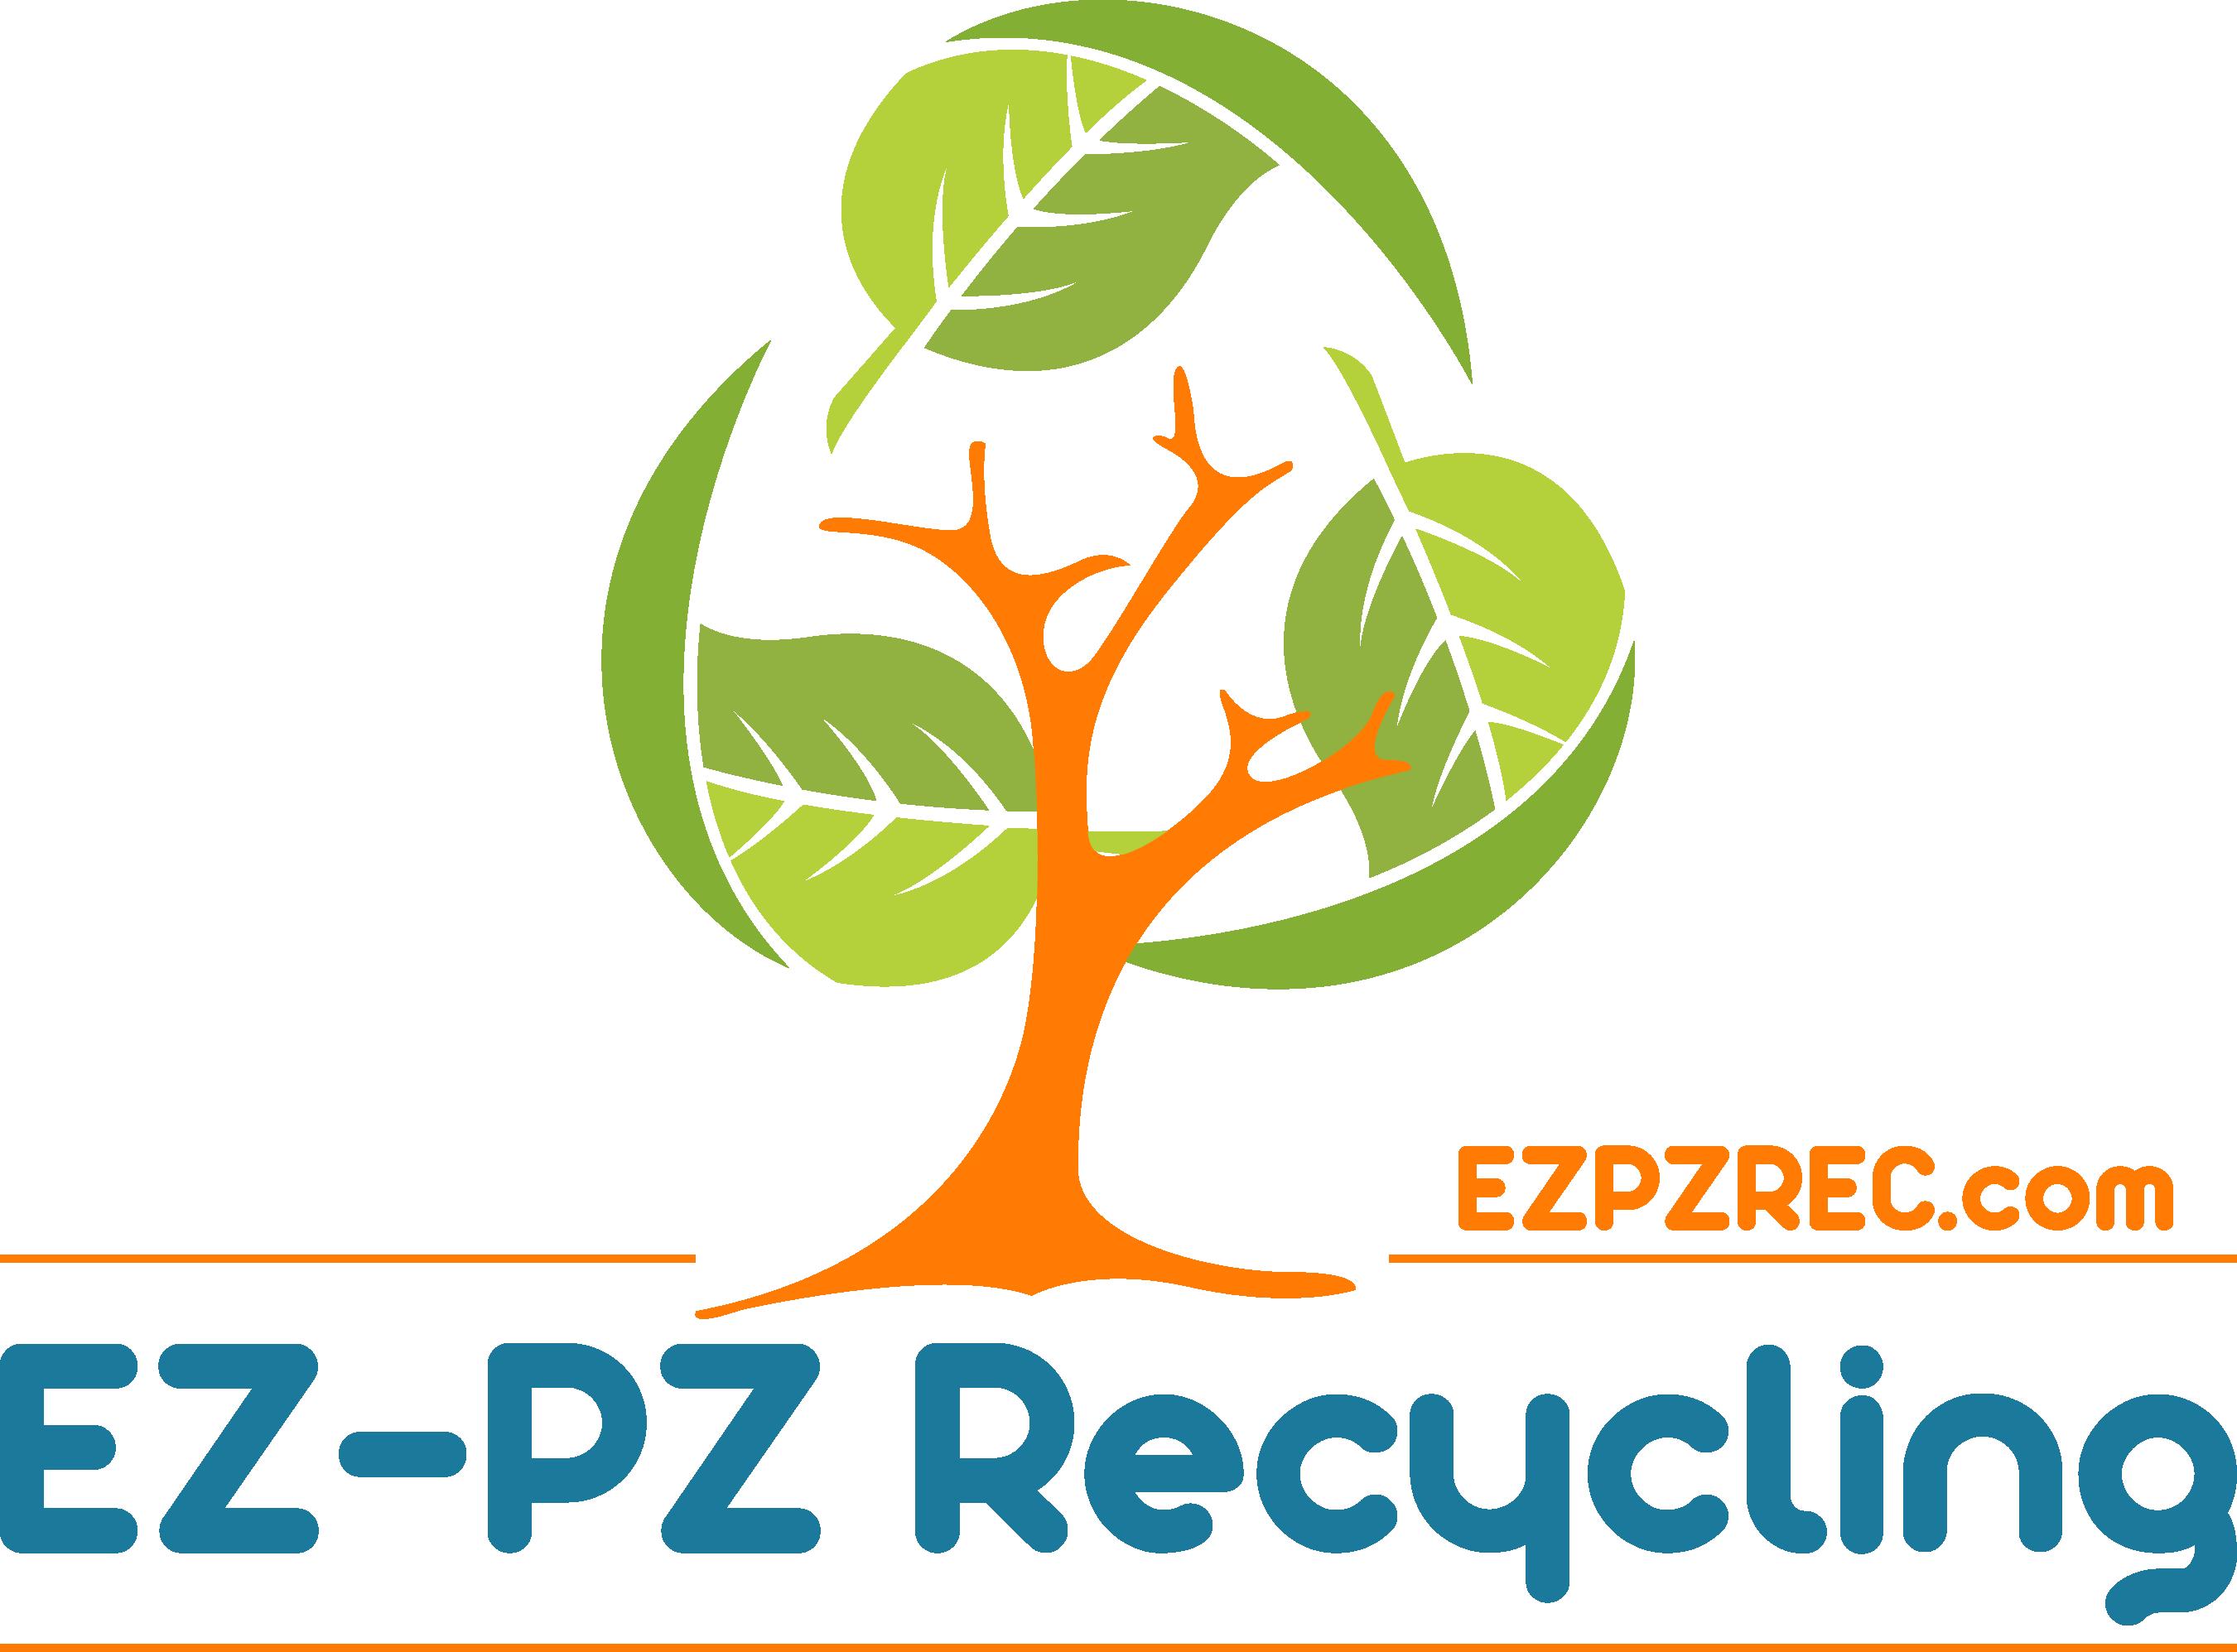 EZPZ Recycling